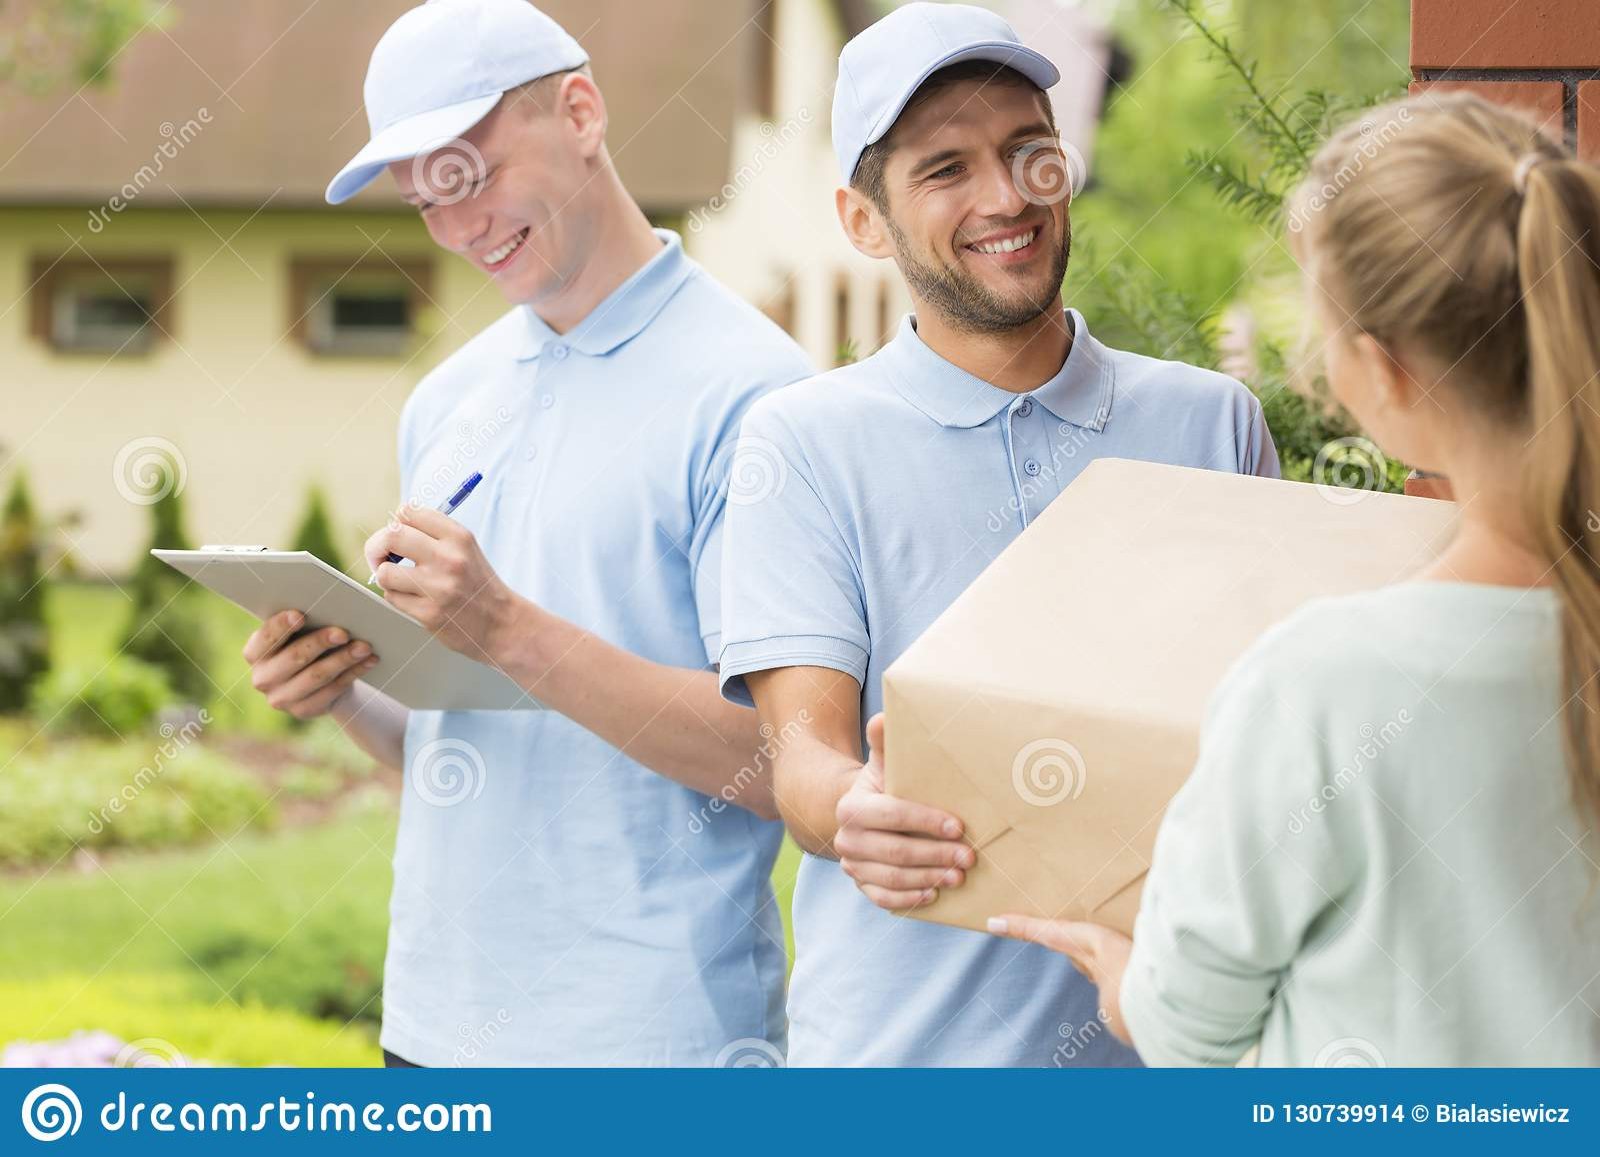 在蓝色给包裹的制服和盖帽的传讯者顾客